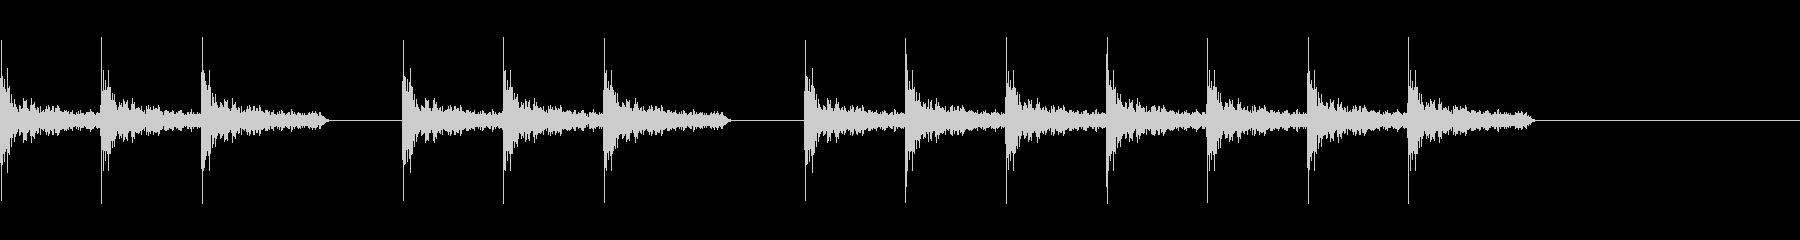 三三七拍子 その4の未再生の波形